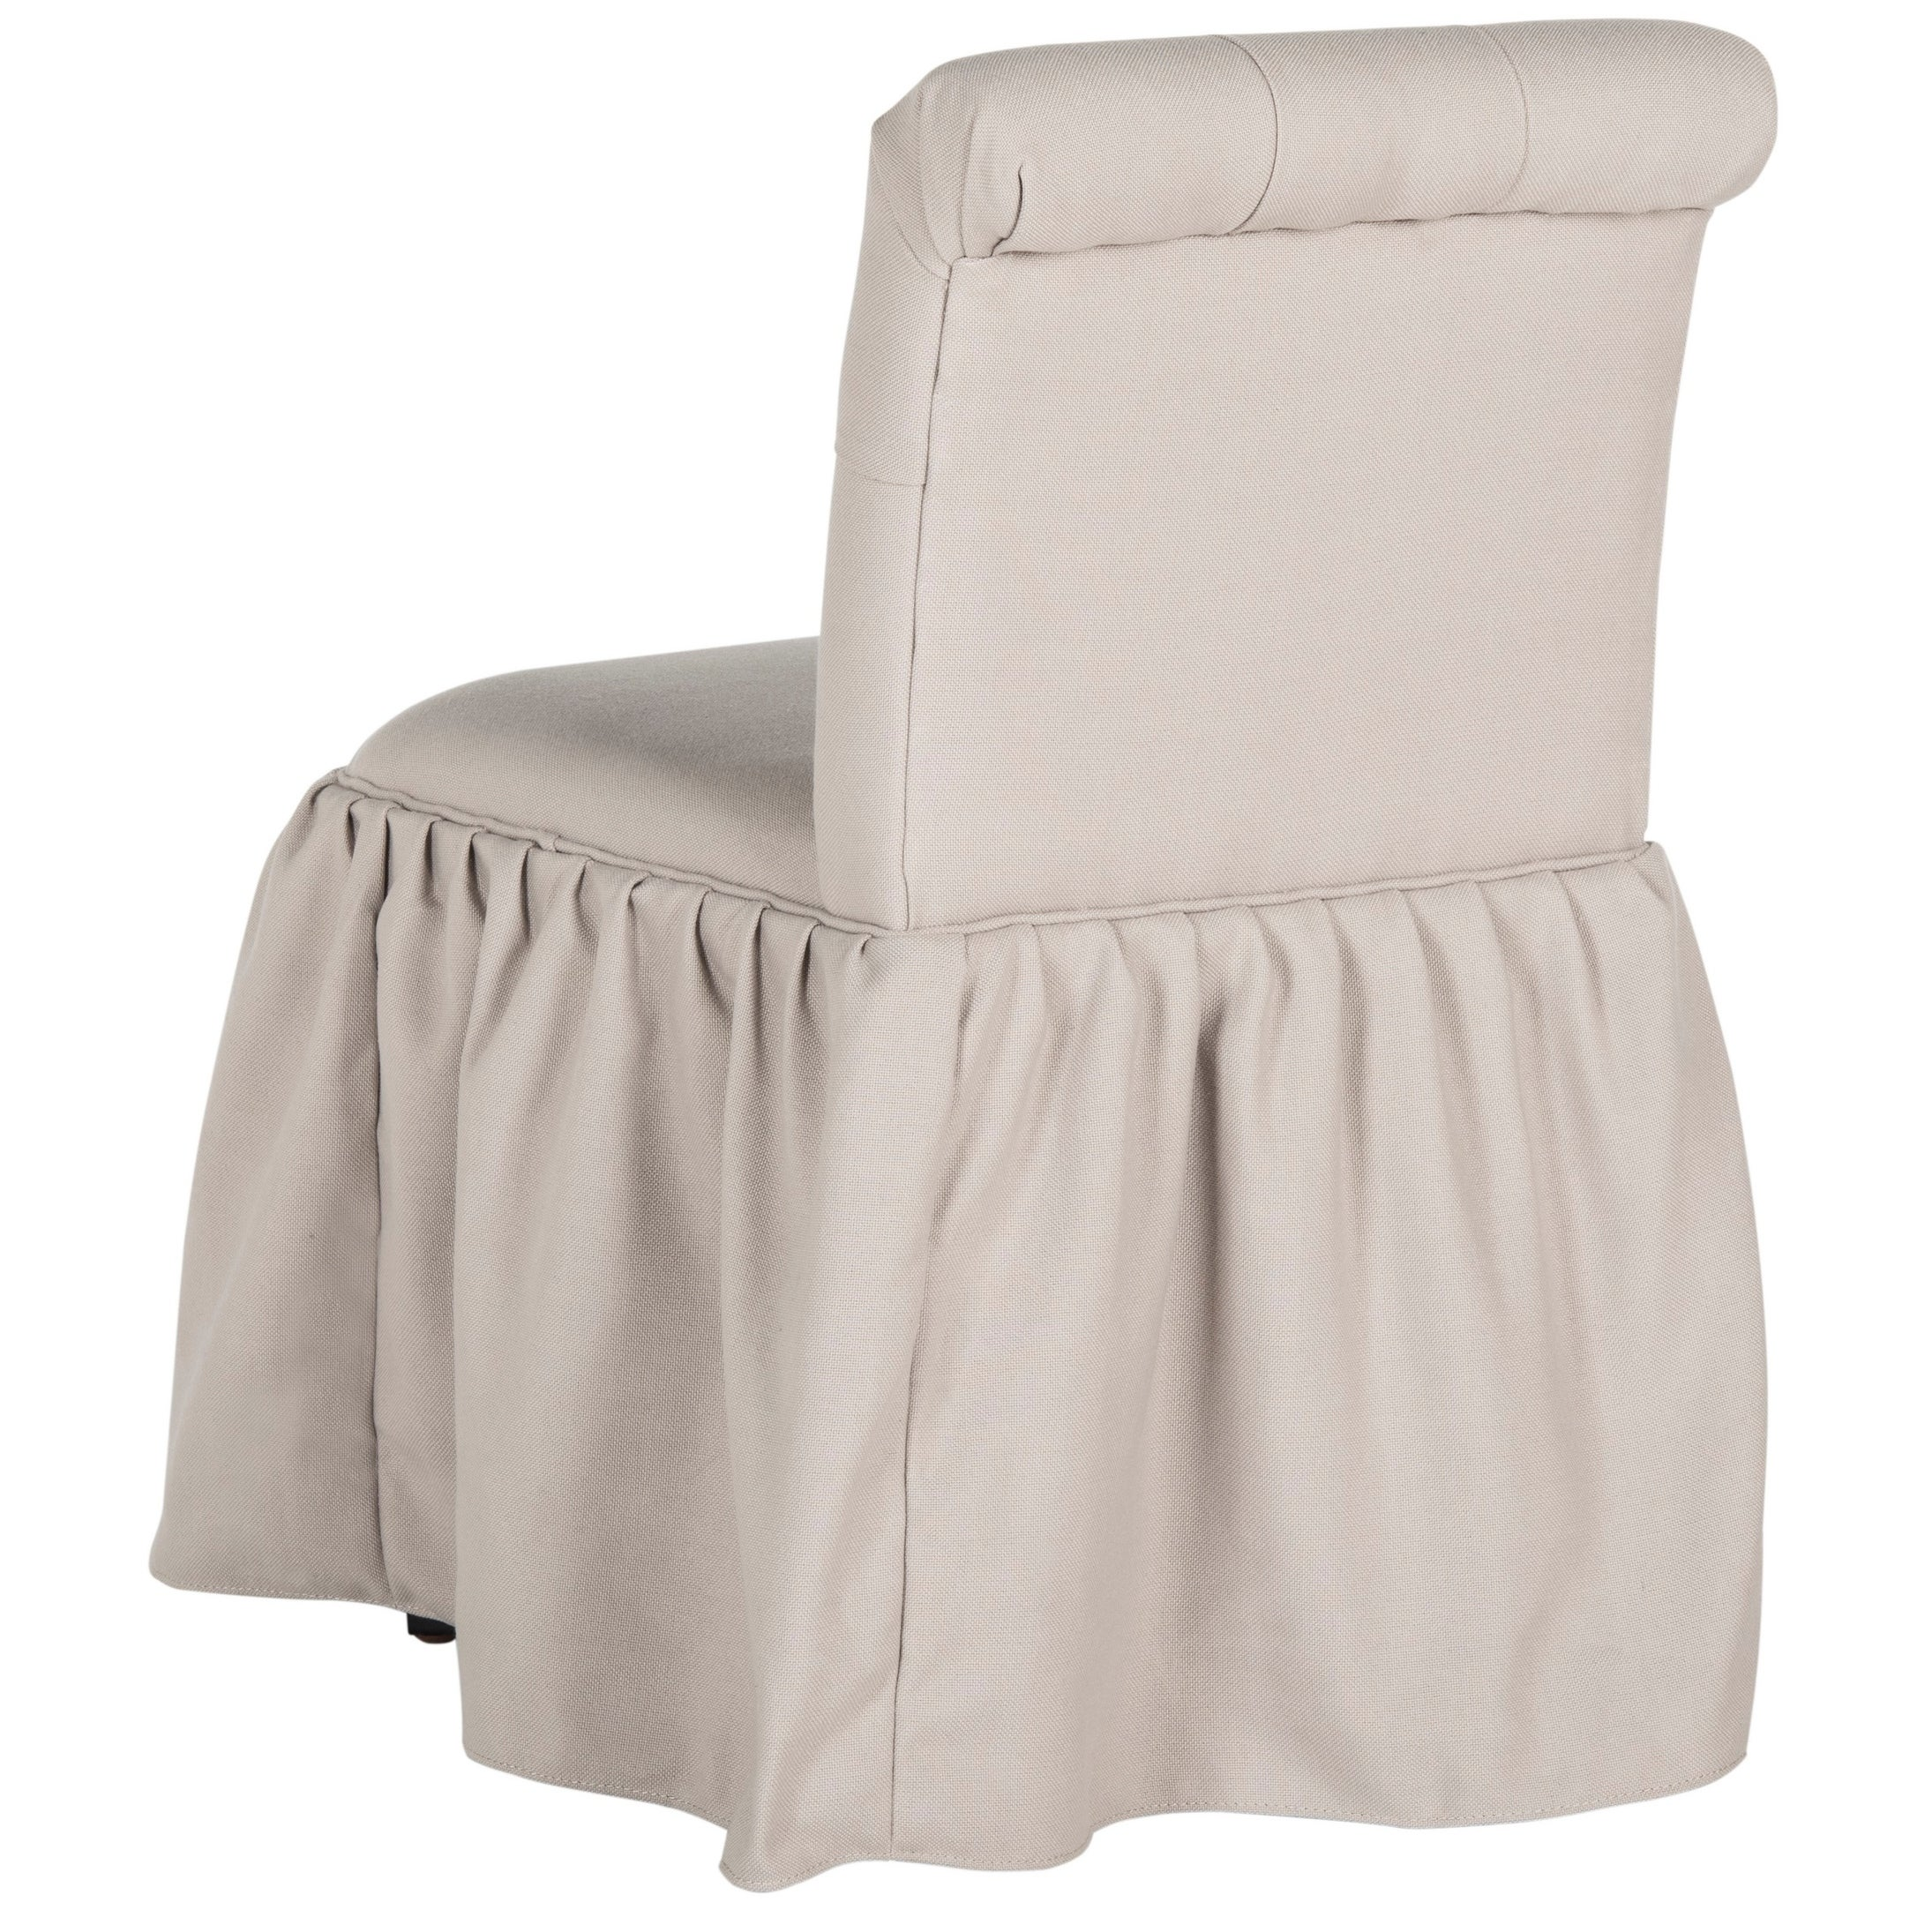 Safavieh Mercer Collection Allie Beige Vanity Chair